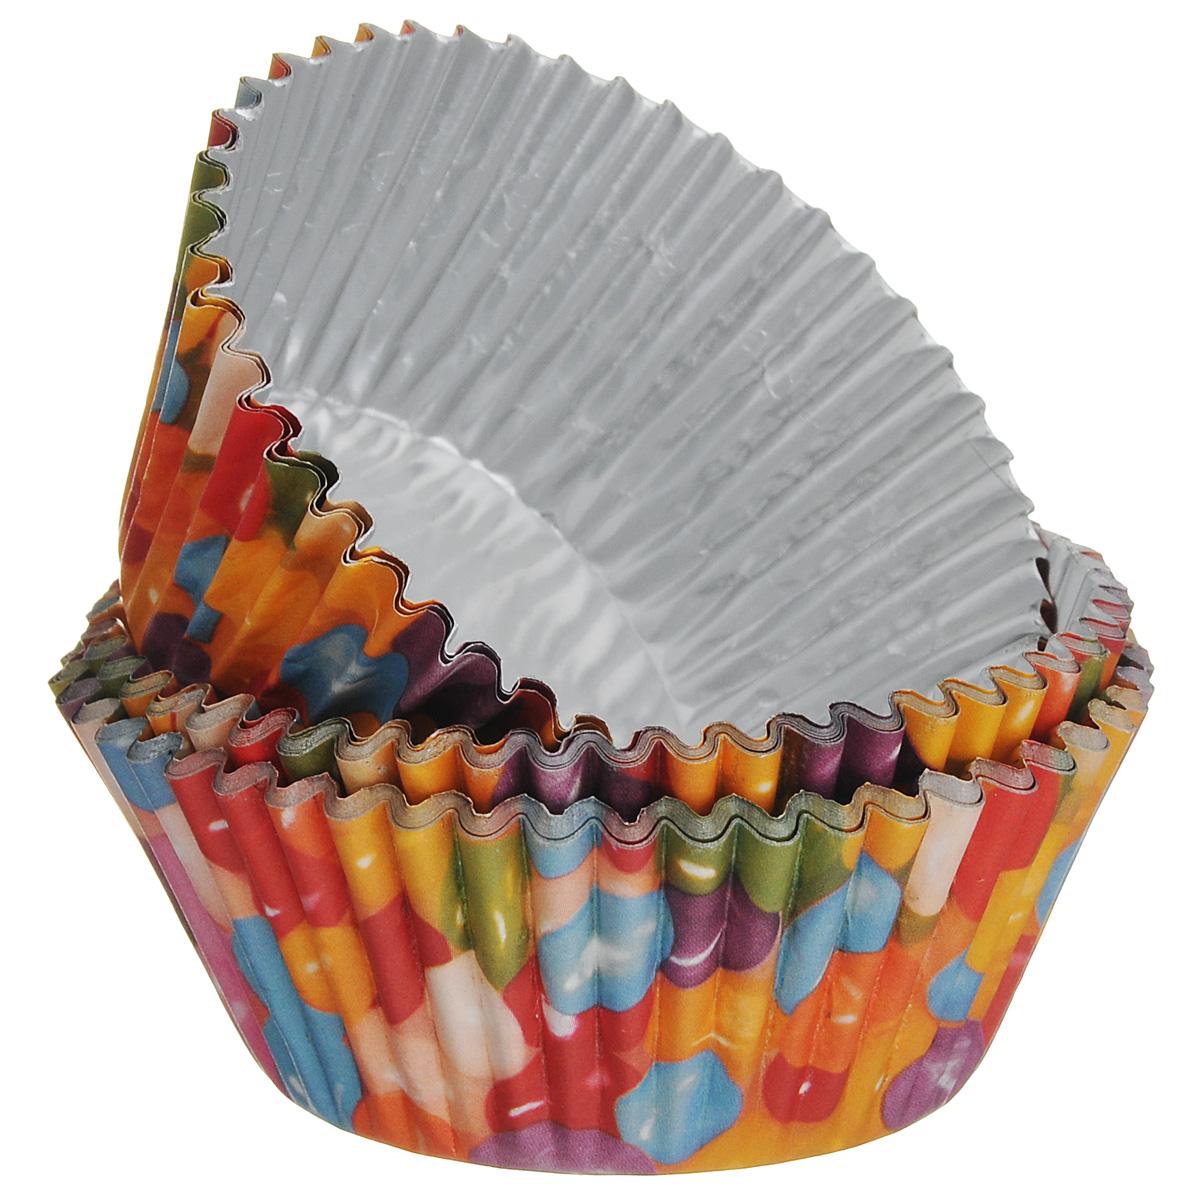 Набор бумажных форм для кексов Wilton Веселая фасоль, диаметр 7 см, 36 штFS-91909Набор Wilton Веселая фасоль состоит из 36 бумажных форм для кексов. Они предназначены для выпечки и упаковки кондитерских изделий, также могут использоваться для сервировки орешков, конфет и другого. Внутри формы оснащены специальным фольгированным вкладышем, благодаря которому изделия не требуют предварительной смазки маслом или жиром. Гофрированные формы идеальны для выпечки кексов, булочек и пирожных.Высота стенки: 3 см. Диаметр (по верхнему краю): 7 см.Диаметр дна: 5 см.